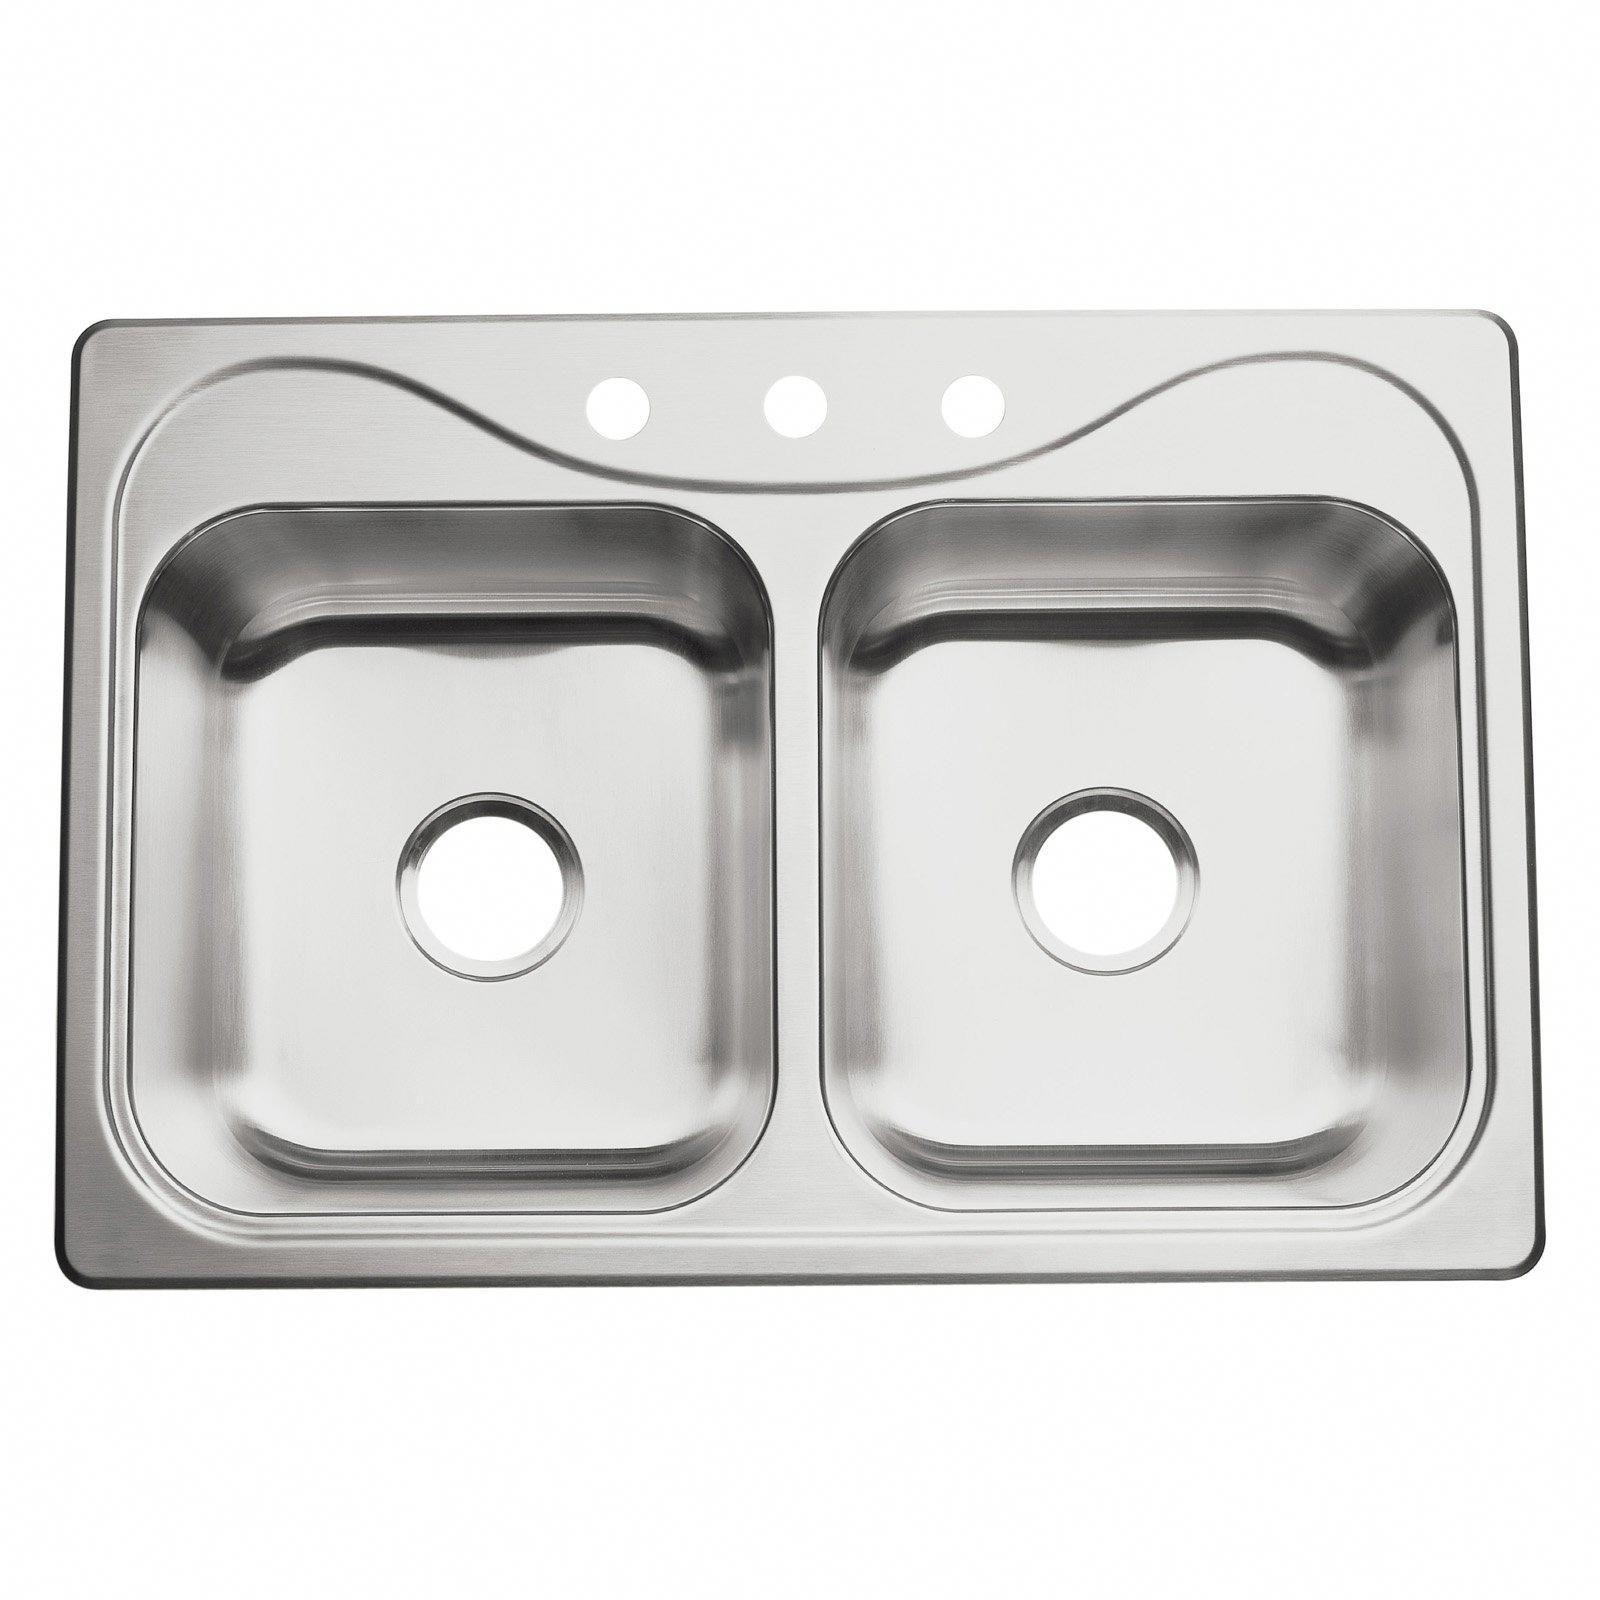 Plumbing Supplies Jackson Ms Kitchen Sink Repair Plumbing